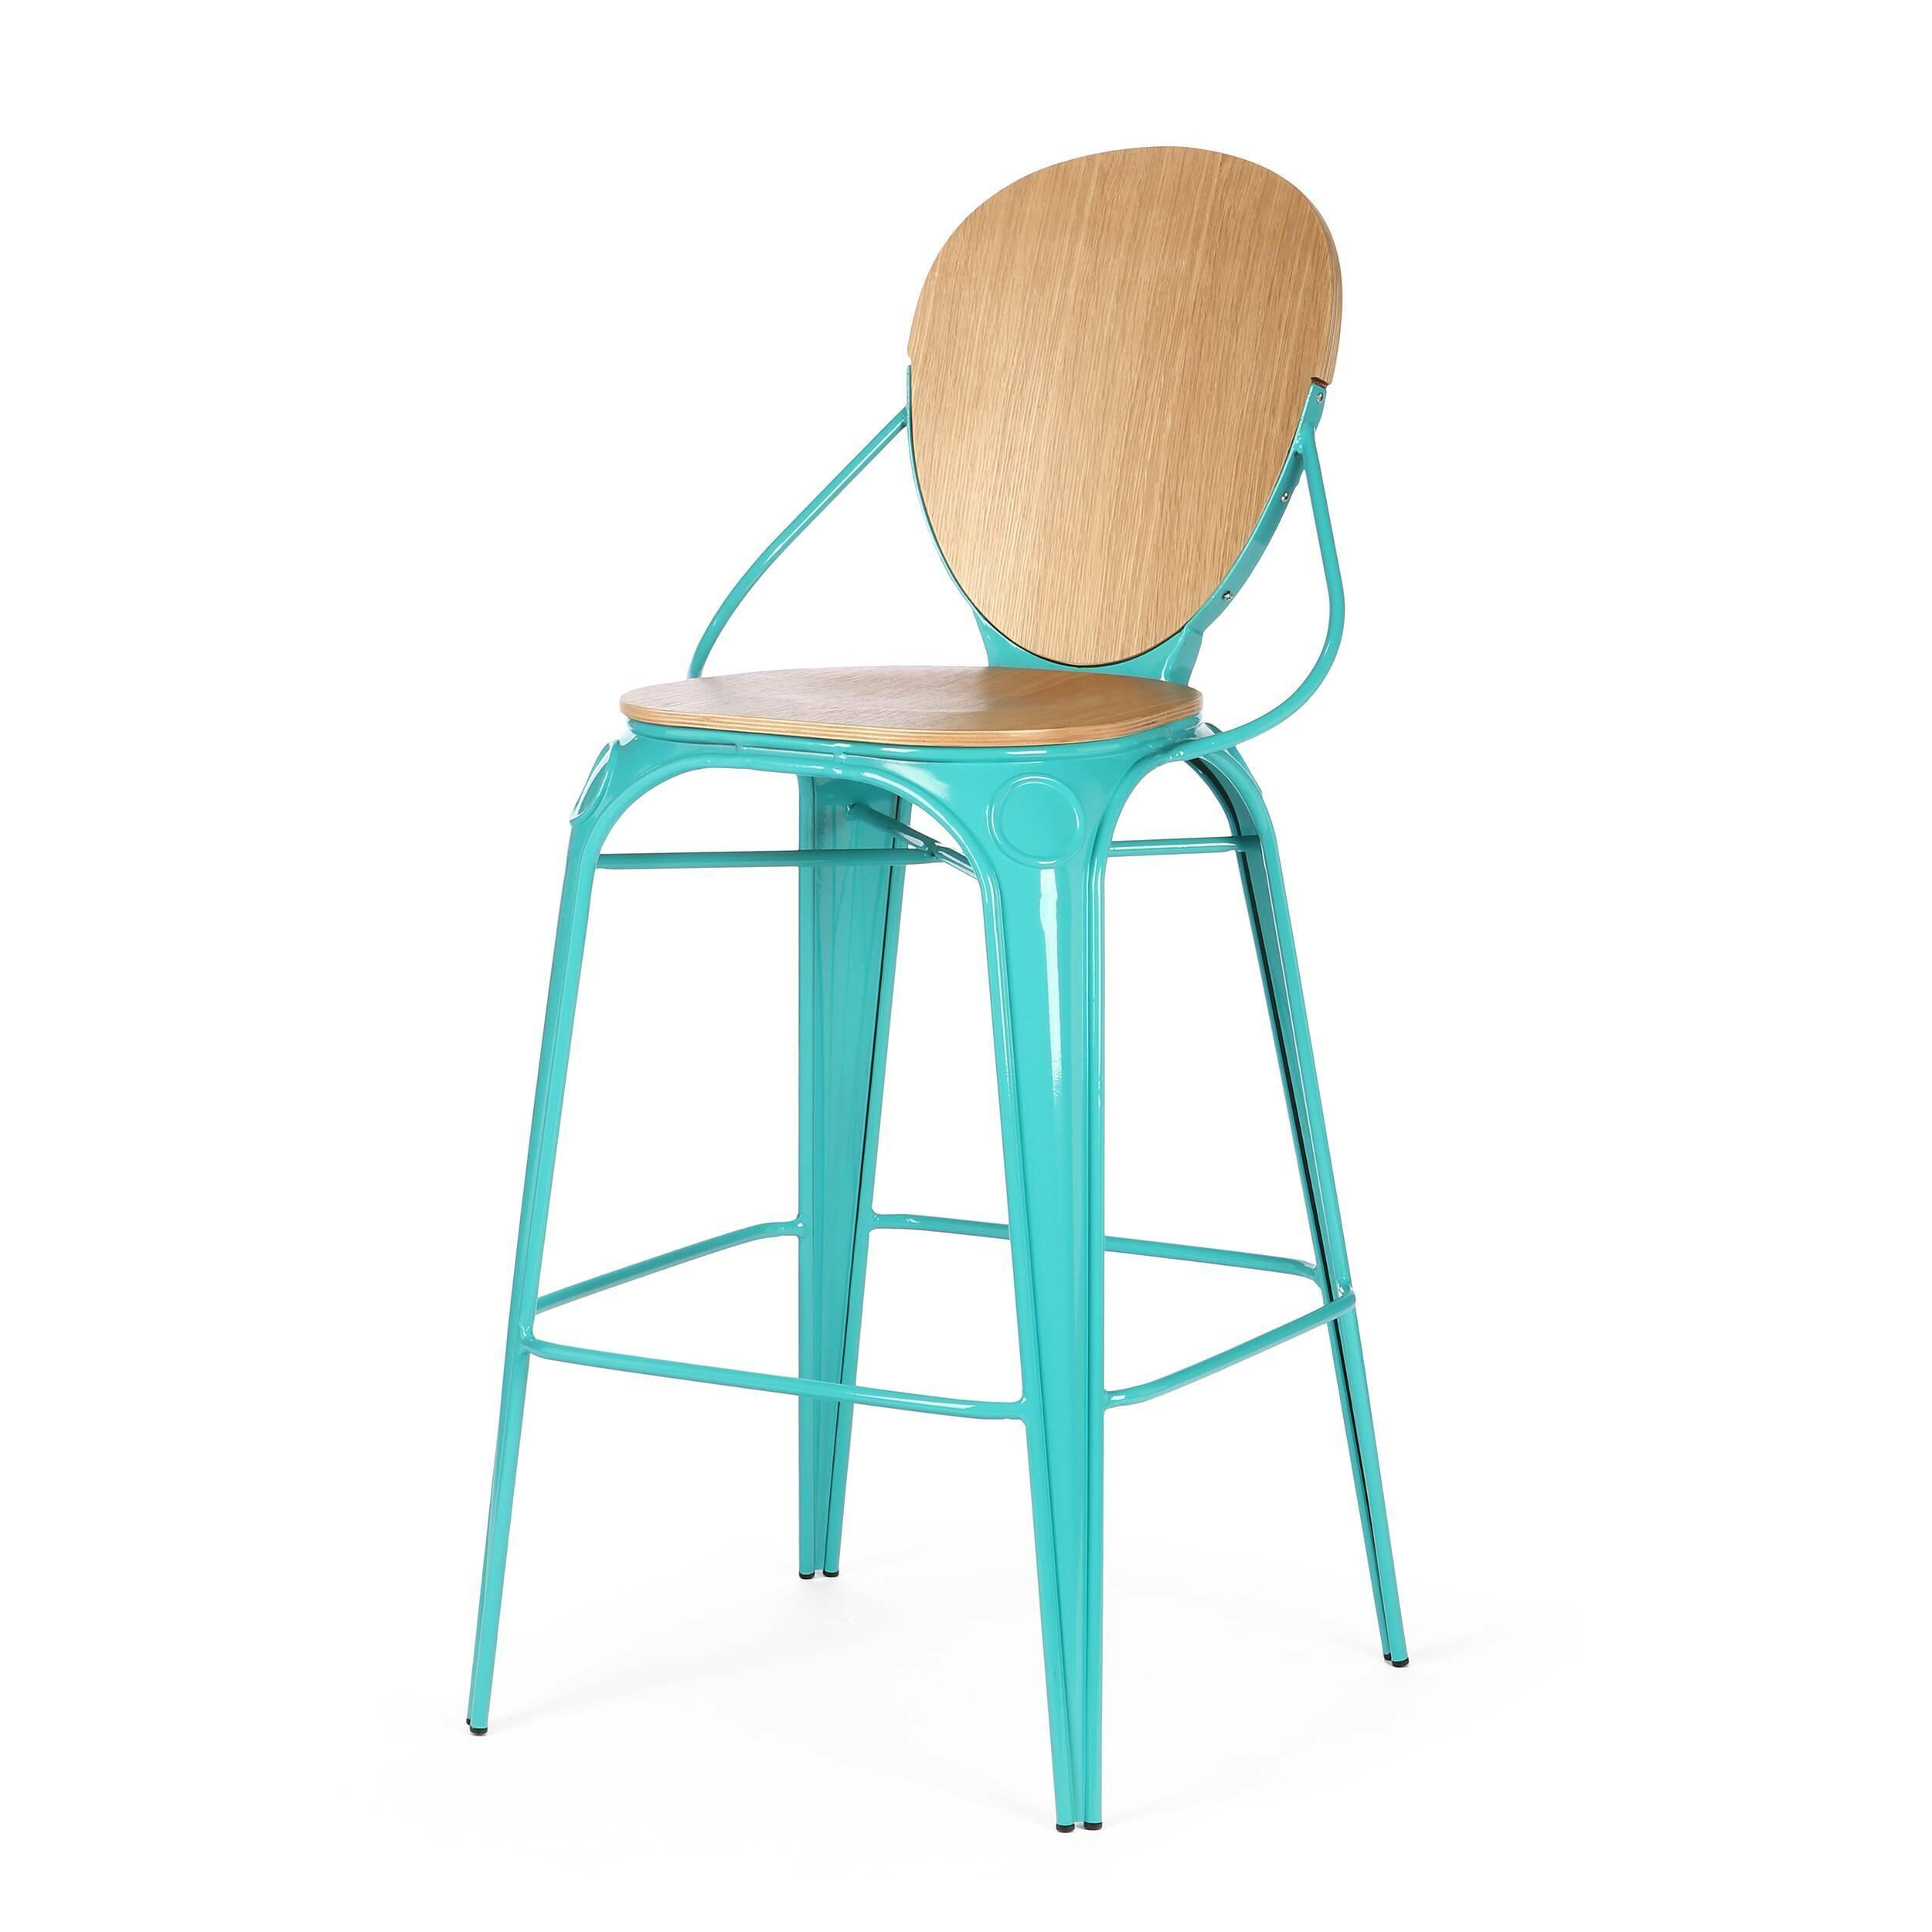 Барный стул LouixБарные<br>Дизайнерский деревянный барный стул Louix (Луикс) со стальным каркасом от Cosmo (Космо).<br>Все модели мебельной коллекции Louix выполнены в индустриальном стиле, который все больше становится константой среди современных европейских интерьеров. Индустриальный стиль, самый честный, откровенный, обнаженный. Показать все, что скрыто, — основная задача этого направления. Вся «подноготная» оказывается на виду: проводка, трубы, металлические конструкции... Старые вещи не выбрасываются — они становят...<br><br>stock: 0<br>Высота: 110<br>Высота сиденья: 74<br>Ширина: 65<br>Глубина: 54<br>Тип материала каркаса: Сталь<br>Материал сидения: Фанера, шпон дуба<br>Цвет сидения: Дуб<br>Тип материала сидения: Дерево<br>Цвет каркаса: Бирюзовый